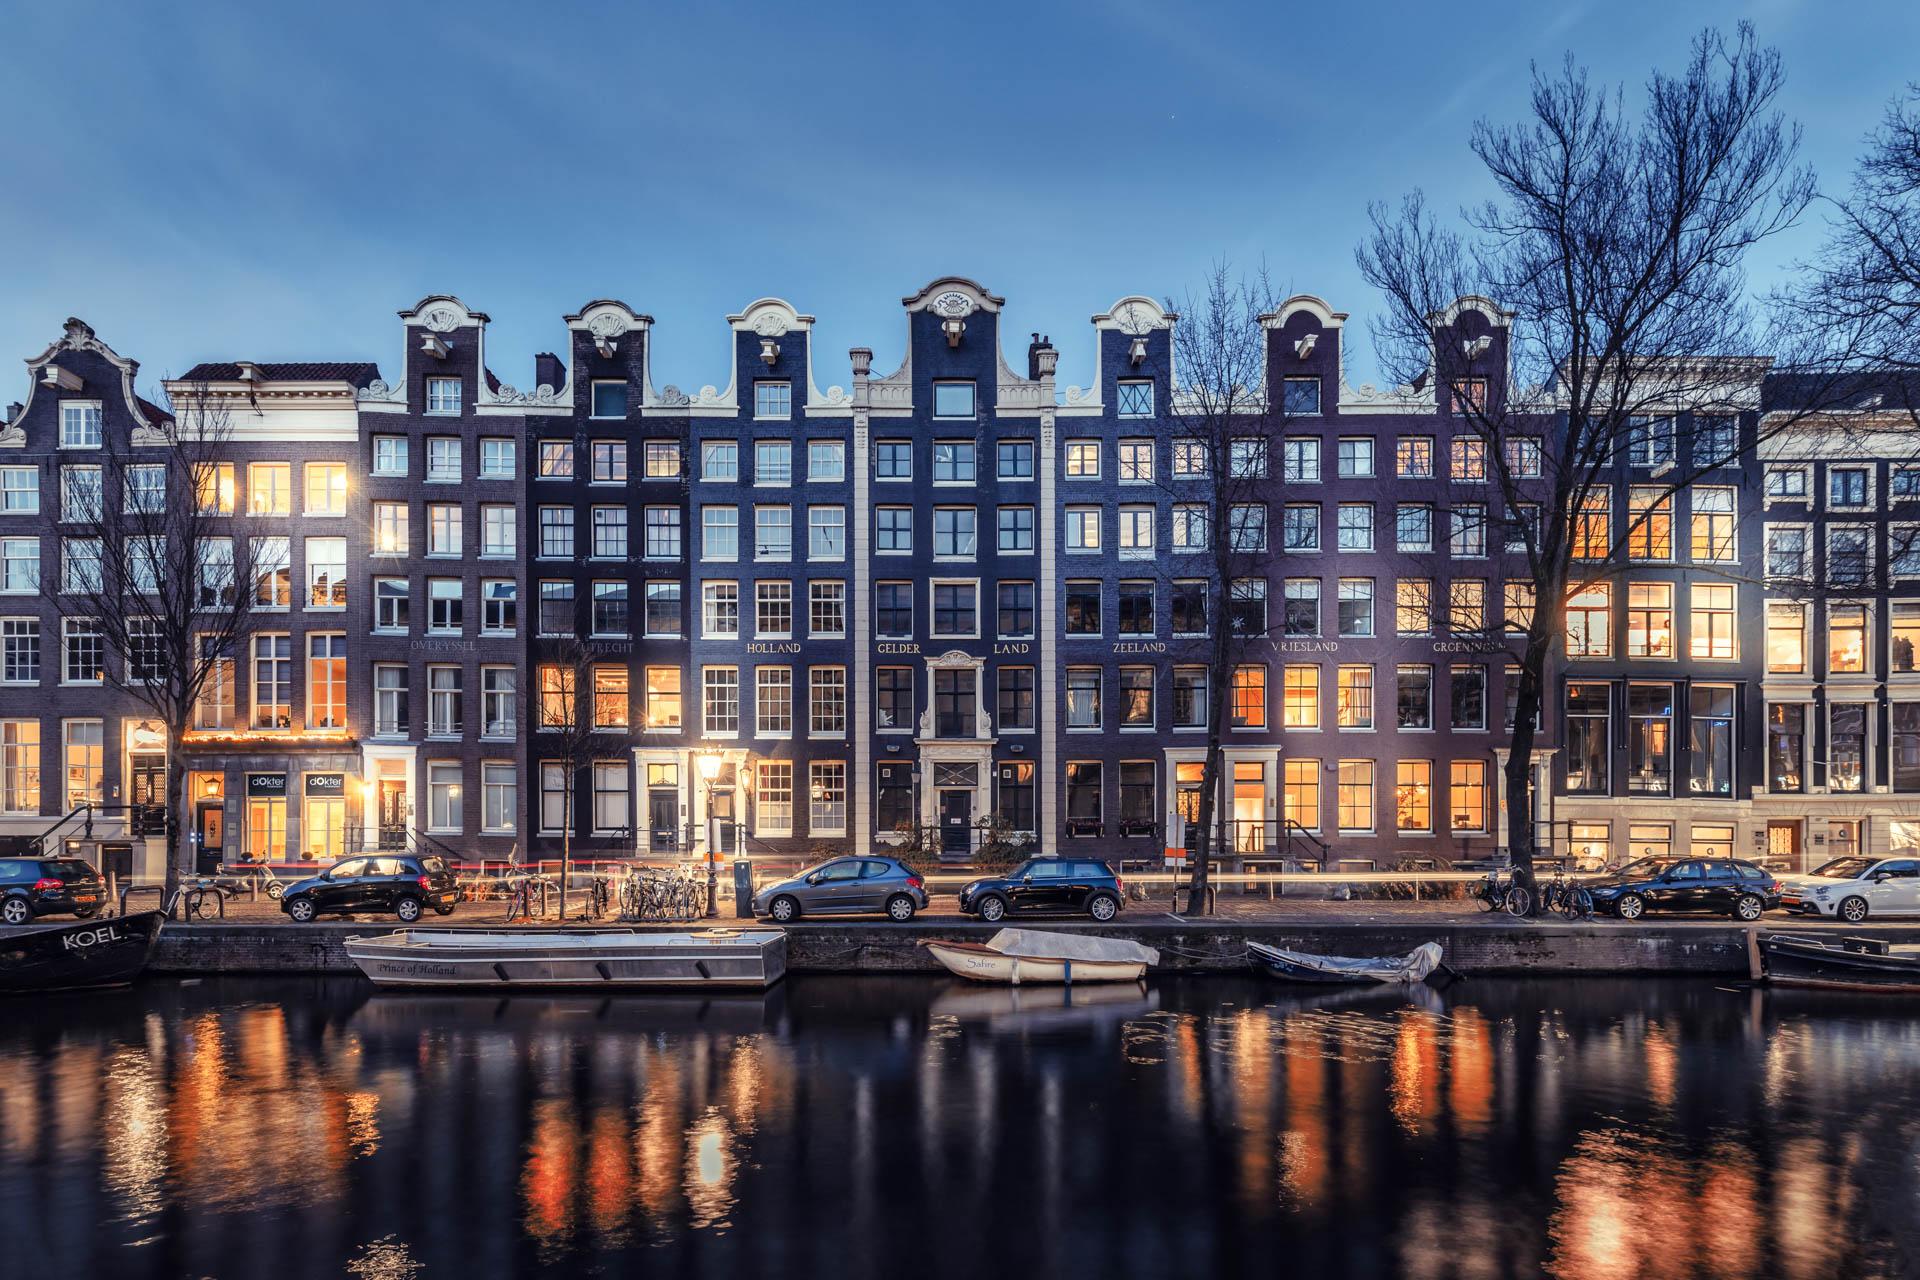 AMSTERDAM2019-STILL01.jpg